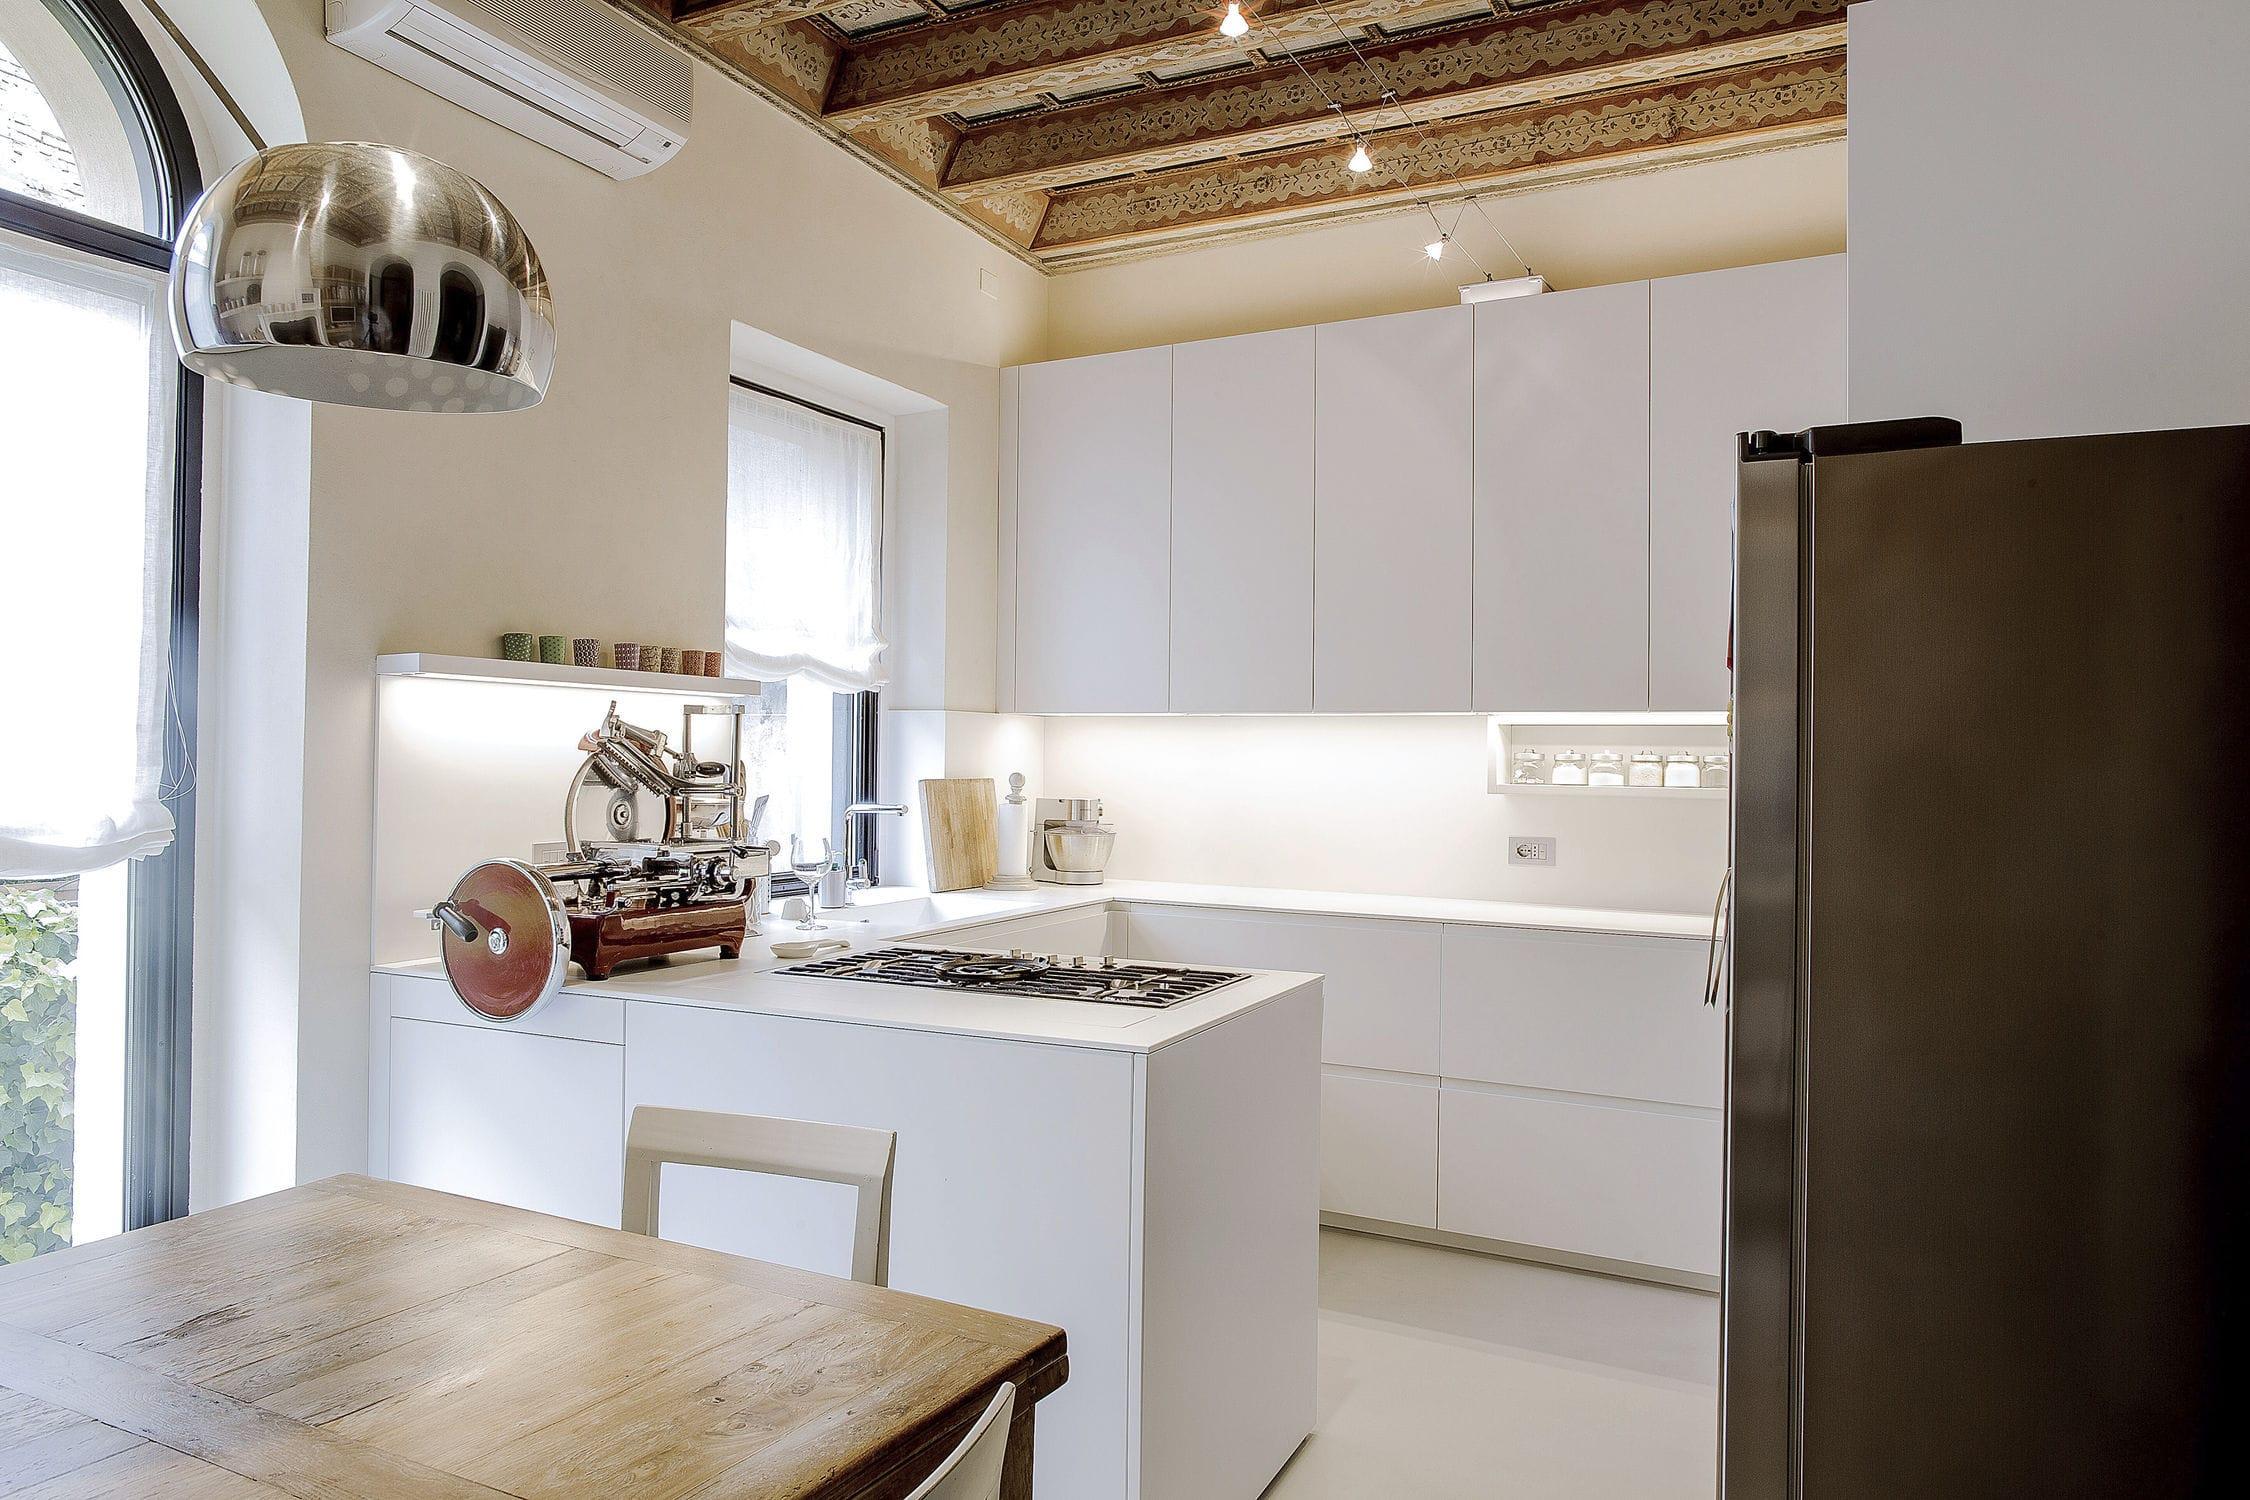 Cucina Legno E Bianco contemporary kitchen - 20160302 - tm italia - lacquered wood